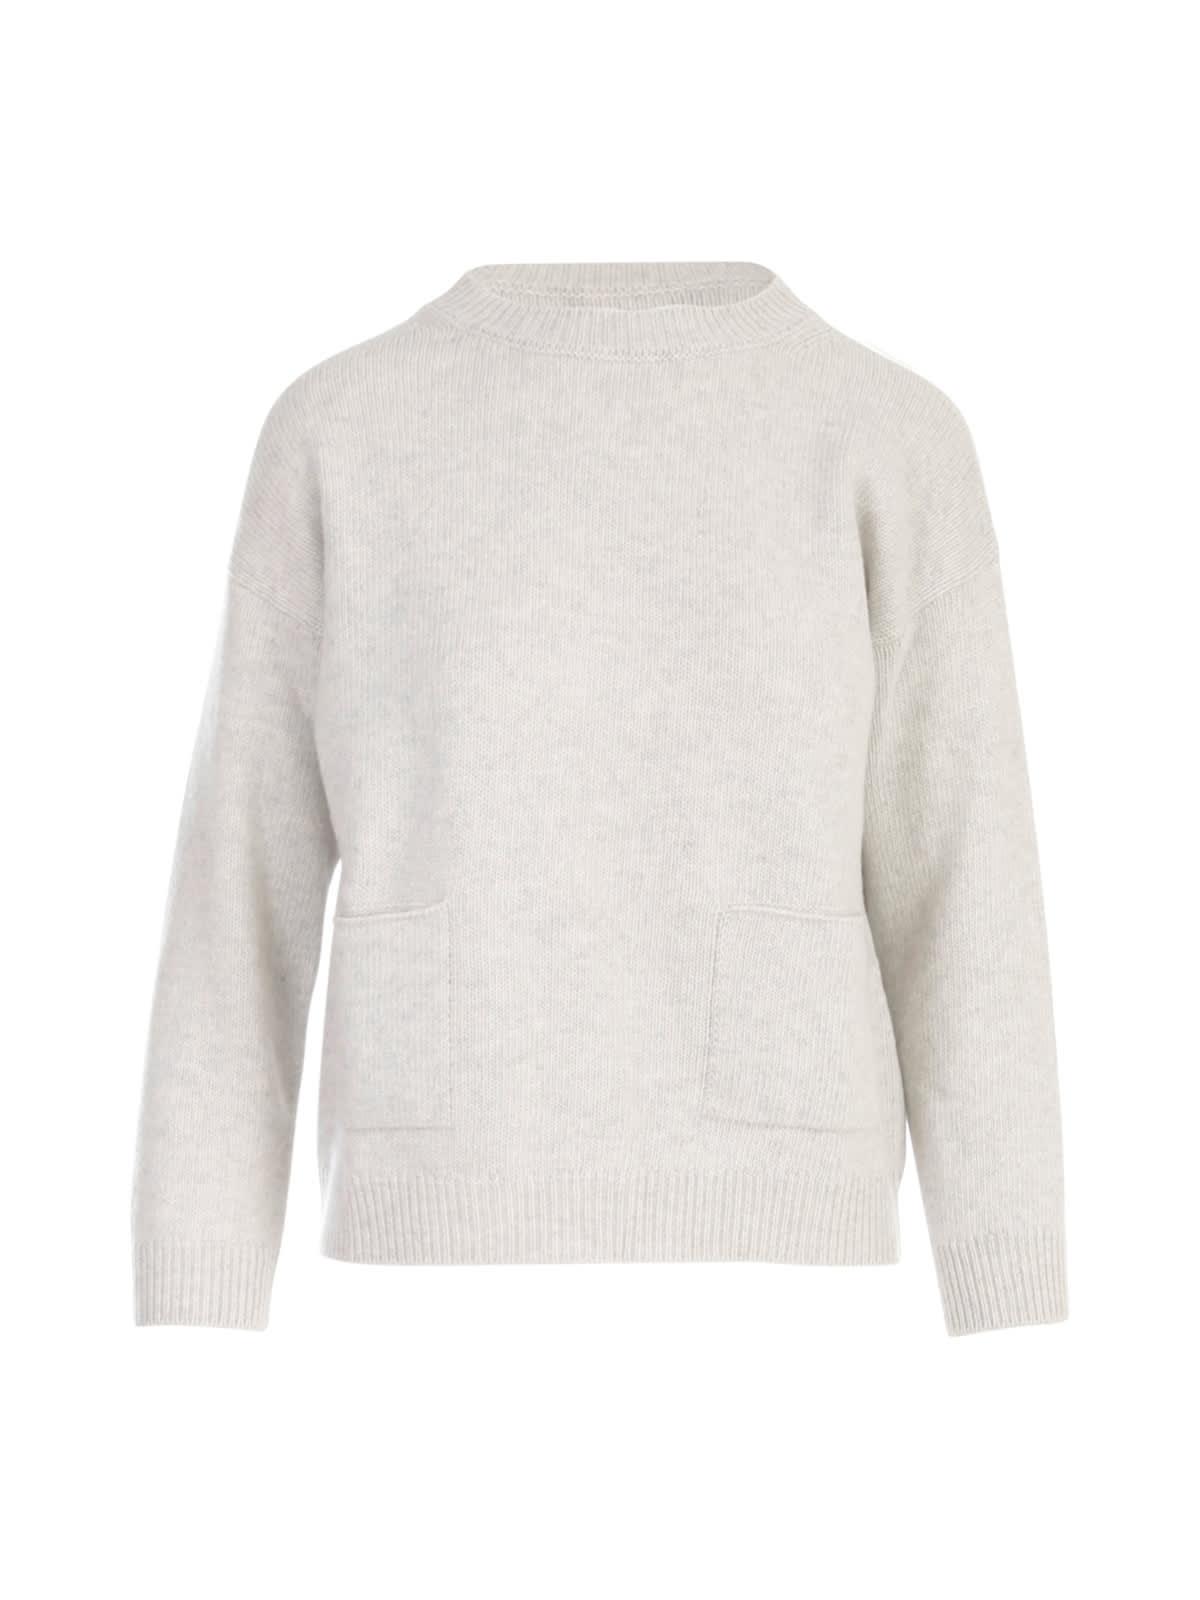 Oversized Crew Neck Sweater W/pockets